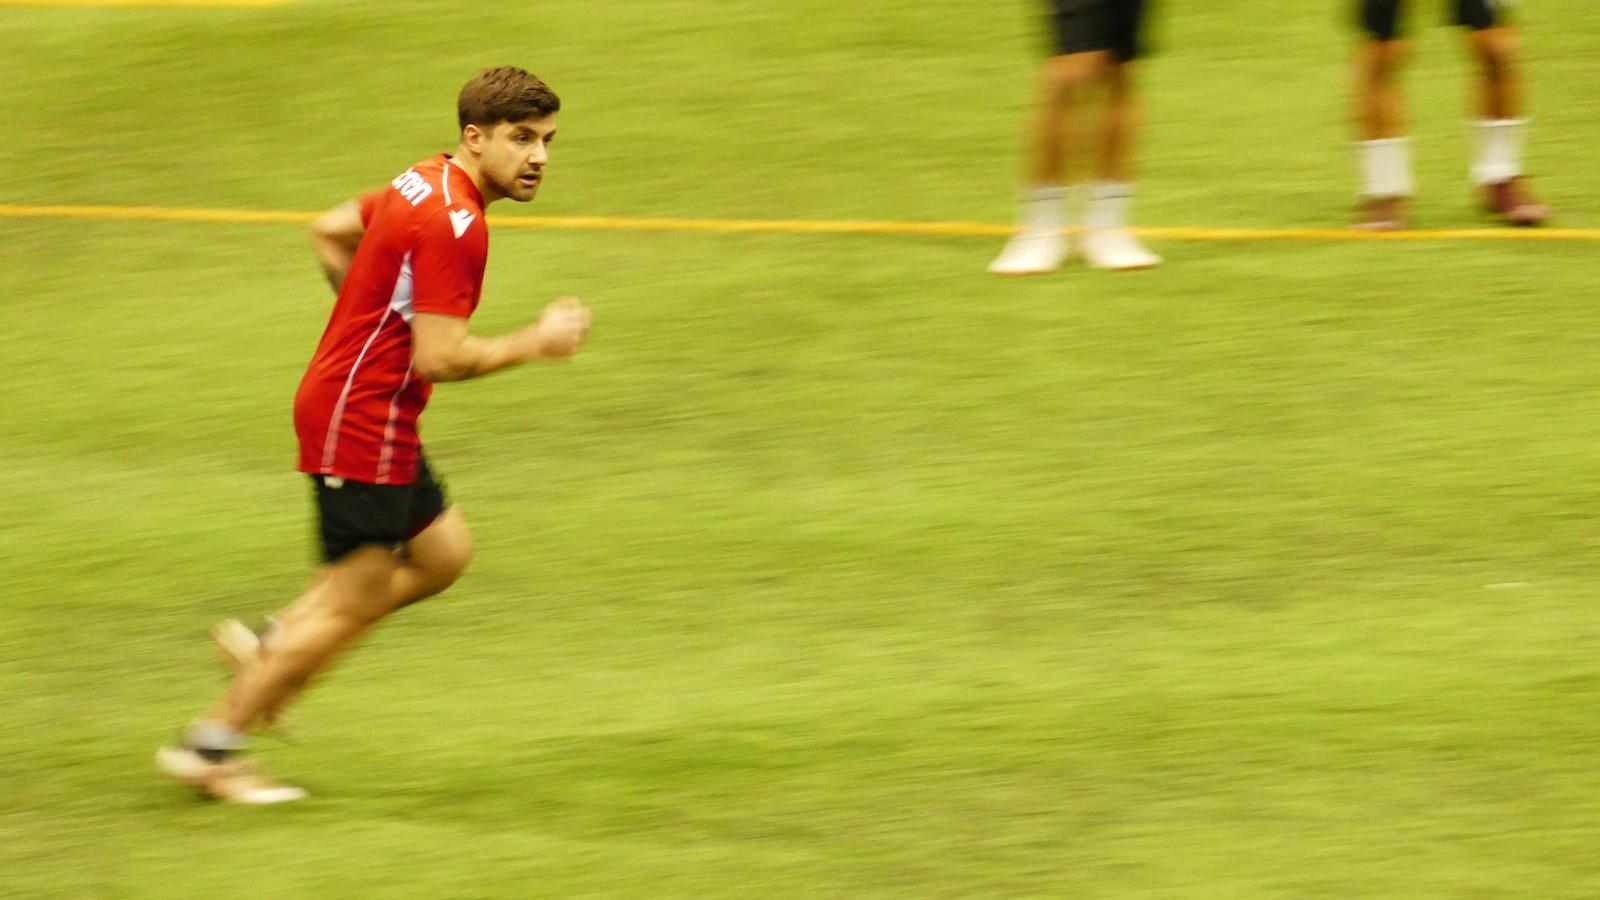 Un joueur de soccer en train de courir.